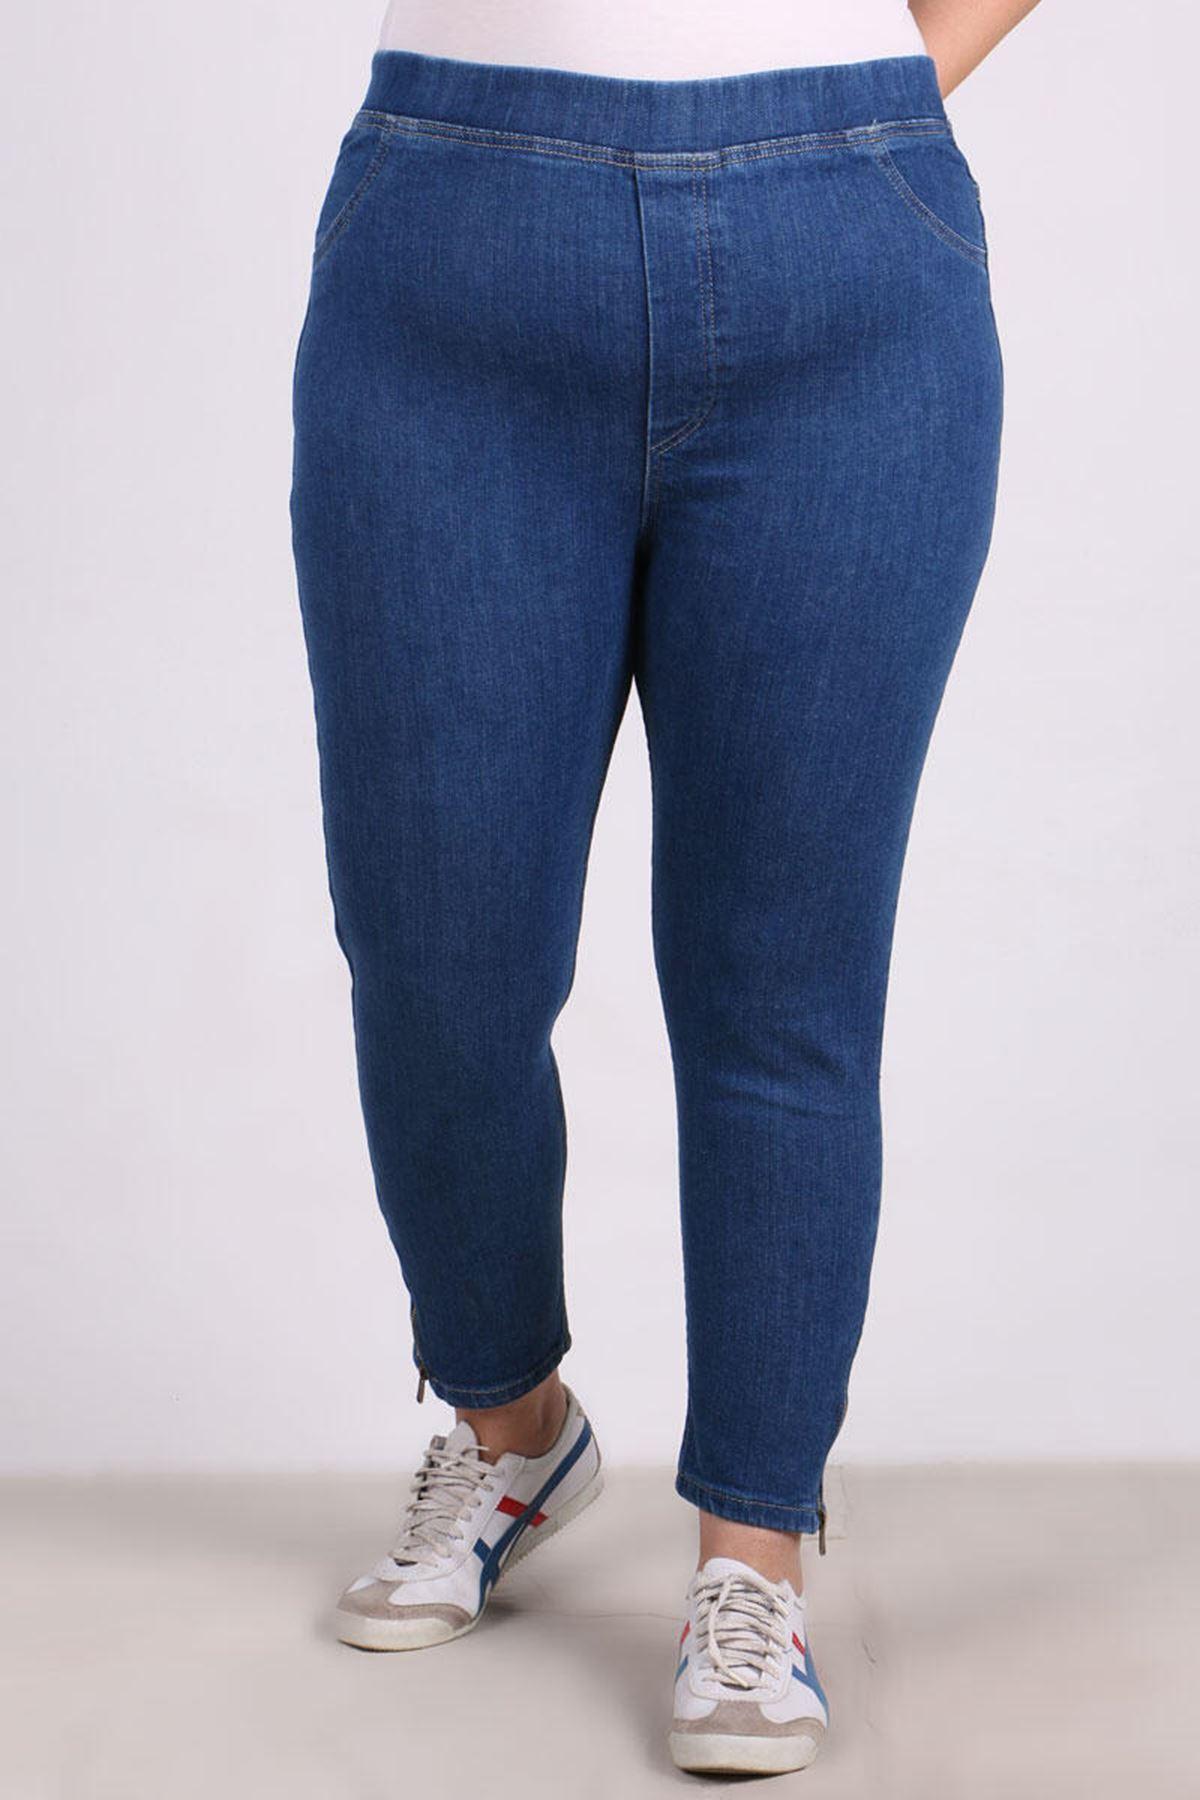 9121 Büyük Beden Fermuar Detaylı Dar Paça Kot Pantalon-Koyu Mavi